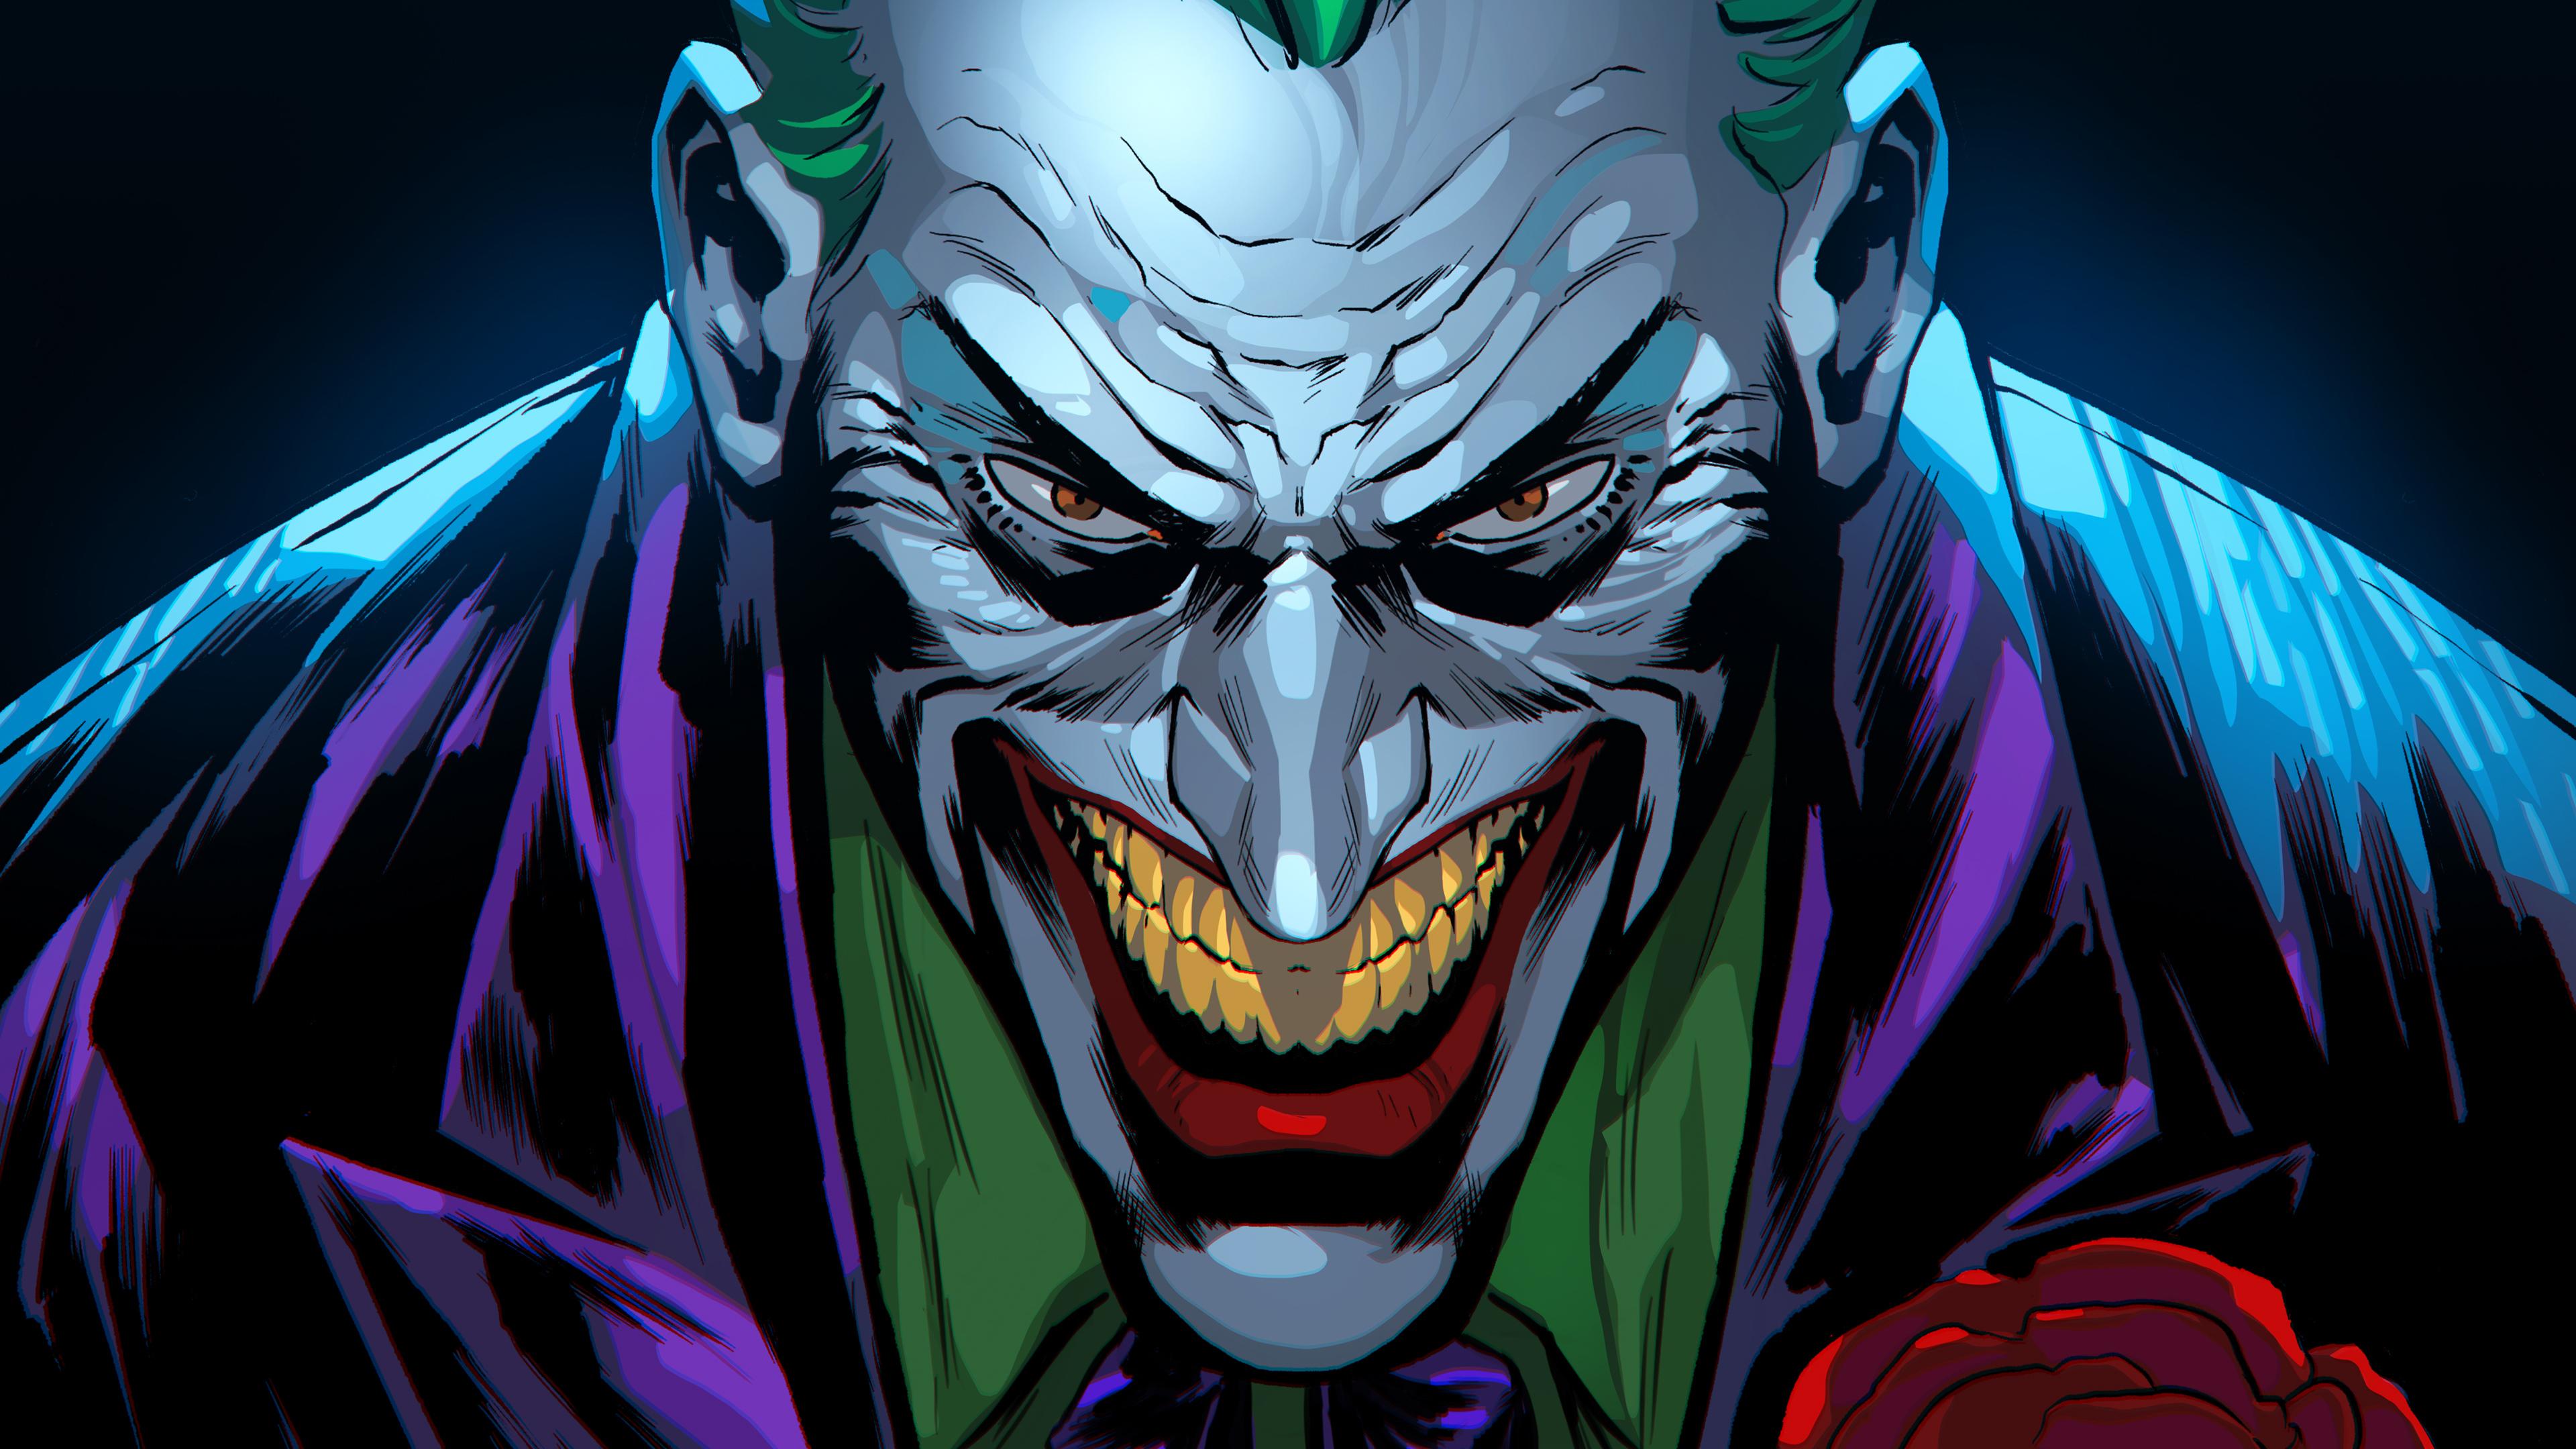 joker sketh art 1563220288 - Joker Sketh Art - superheroes wallpapers, joker wallpapers, hd-wallpapers, digital art wallpapers, behance wallpapers, artwork wallpapers, artist wallpapers, 4k-wallpapers